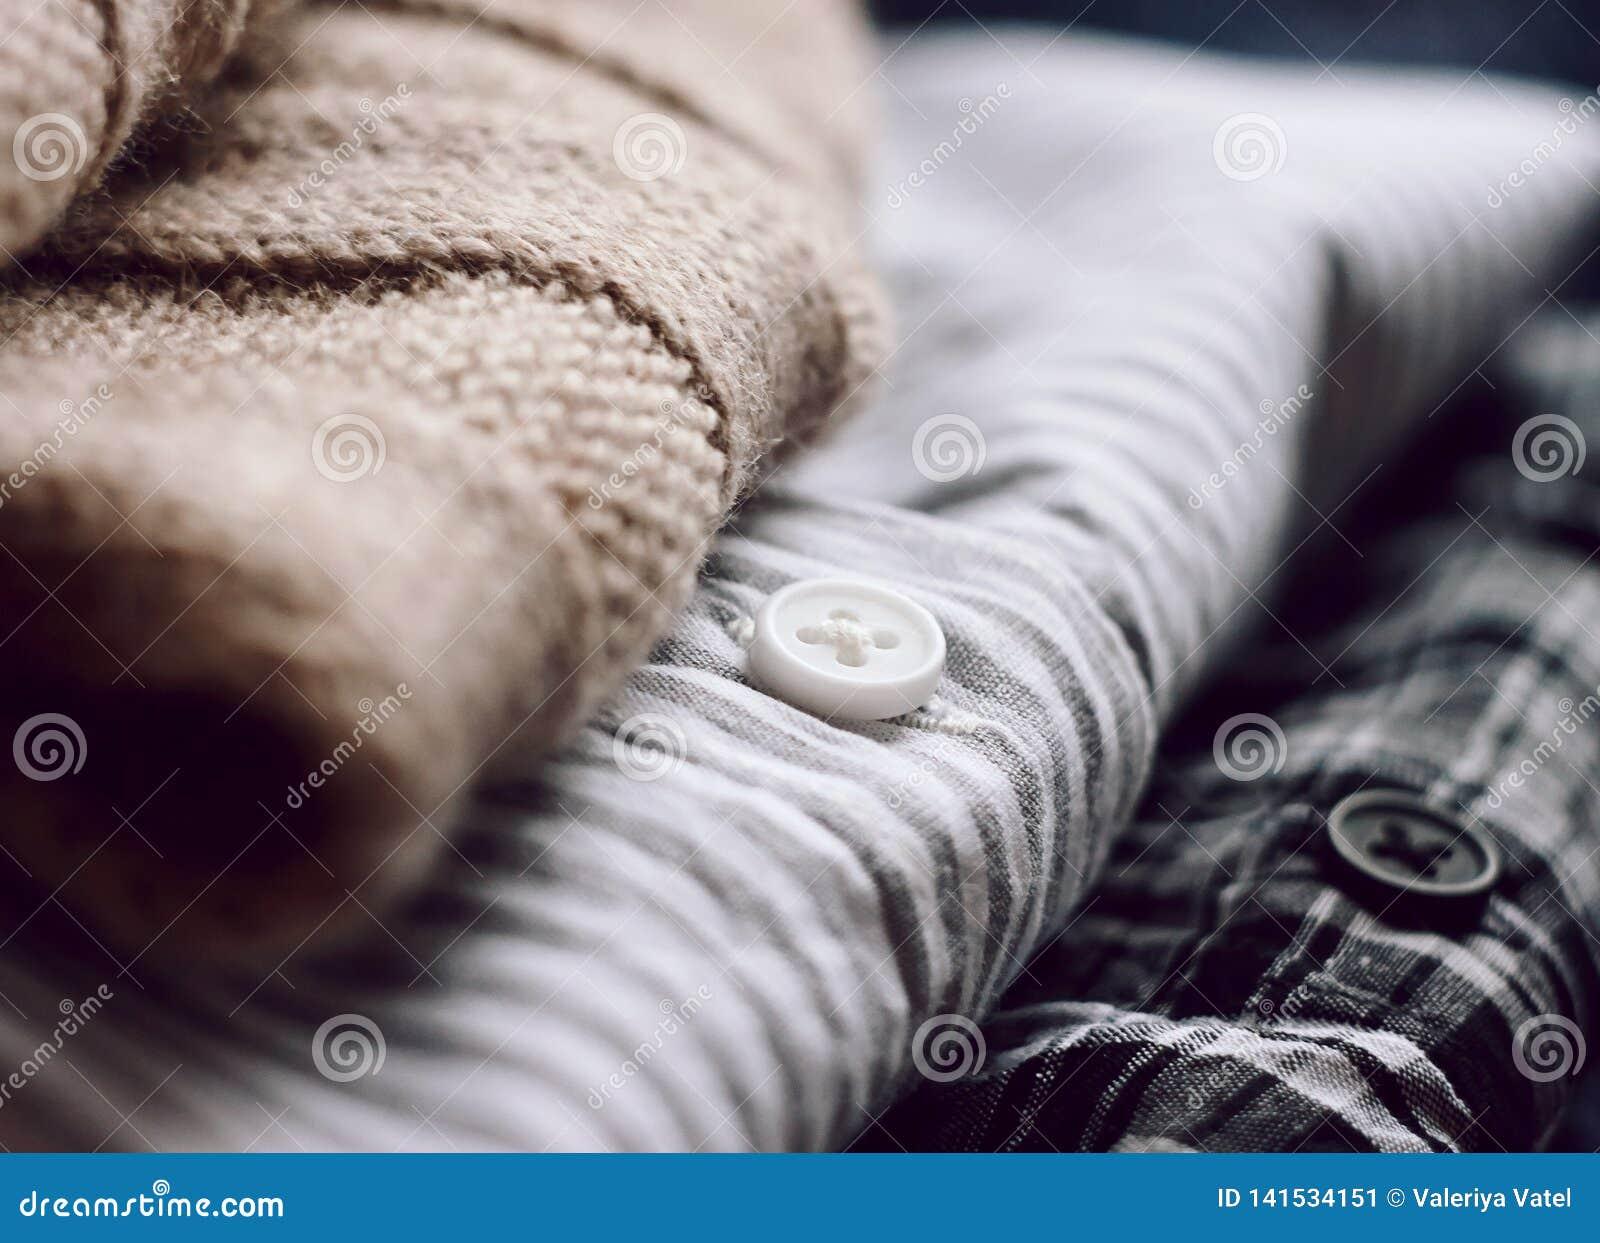 En proper bunt av kläder - en beige halsduk och två skjortor